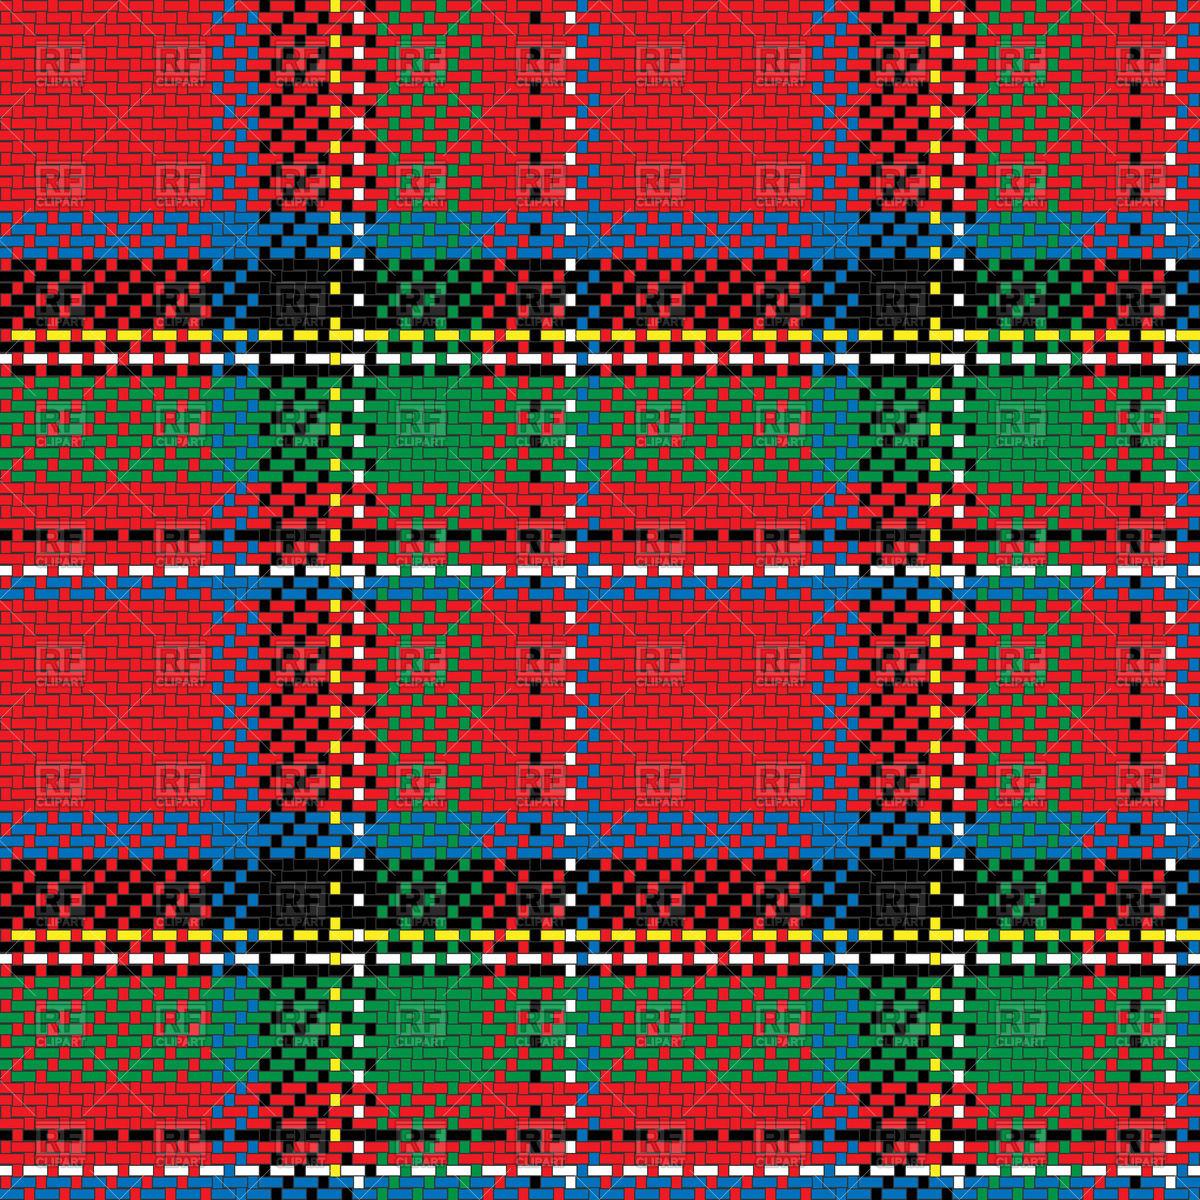 Scottish tartan Royal Stewart Vector Image #44083.